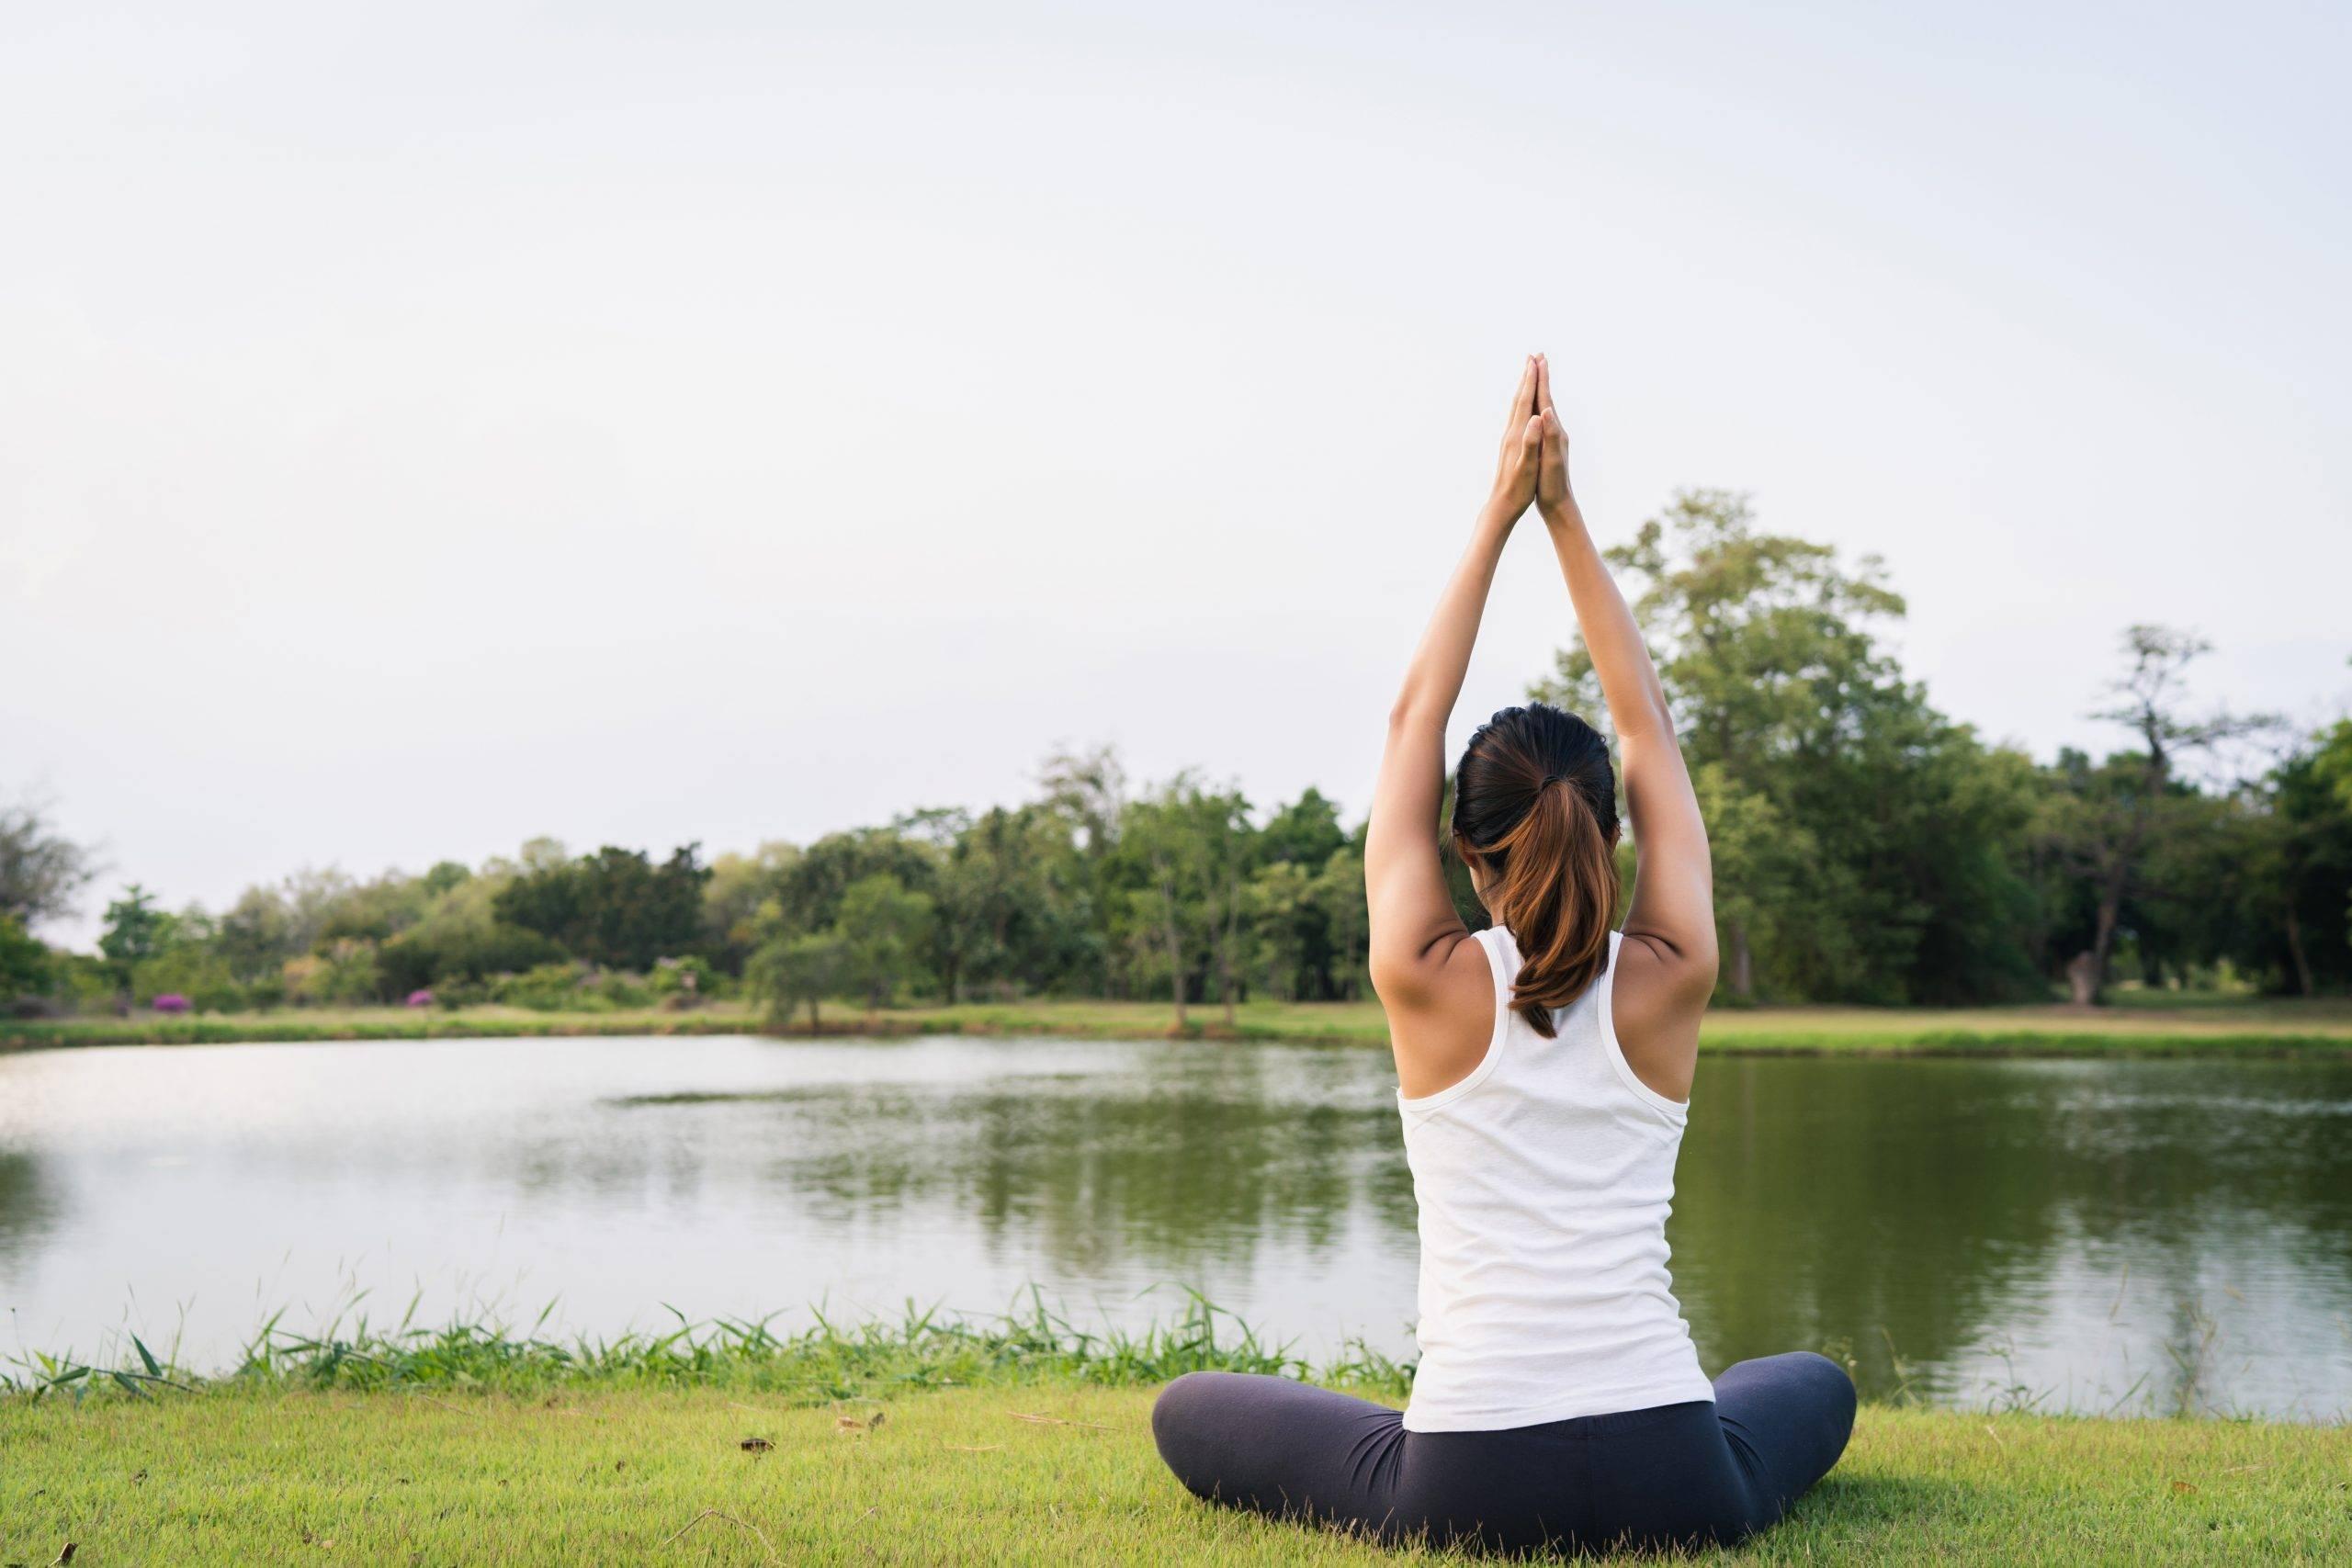 Путь философских размышлений, или джнана-йога